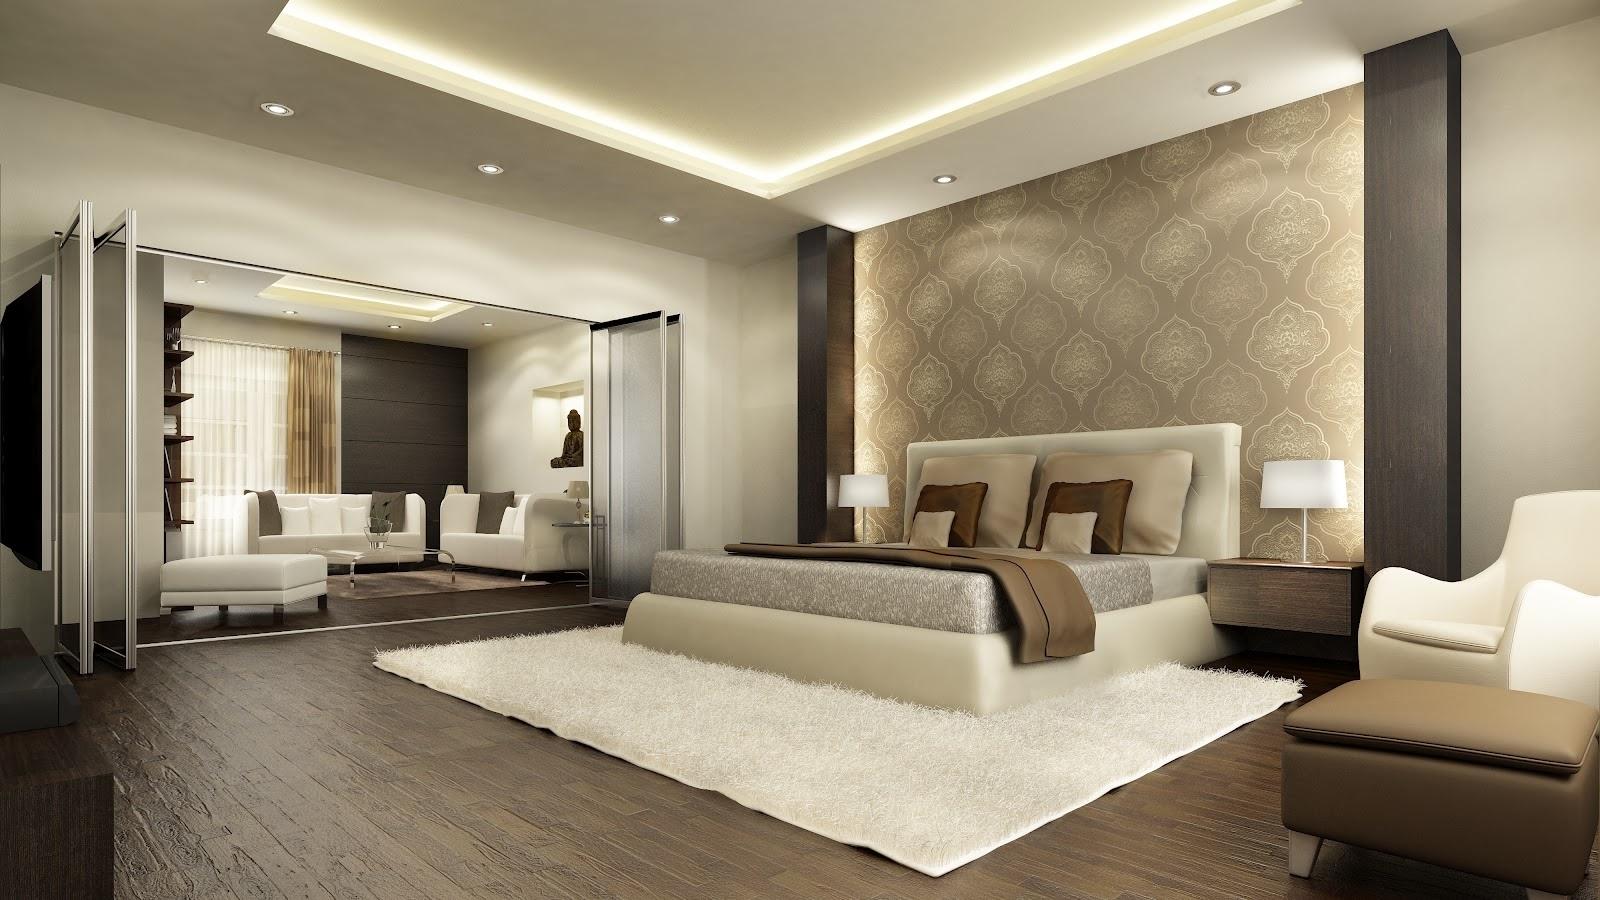 فخامة غرف النوم الرئيسية المرسال